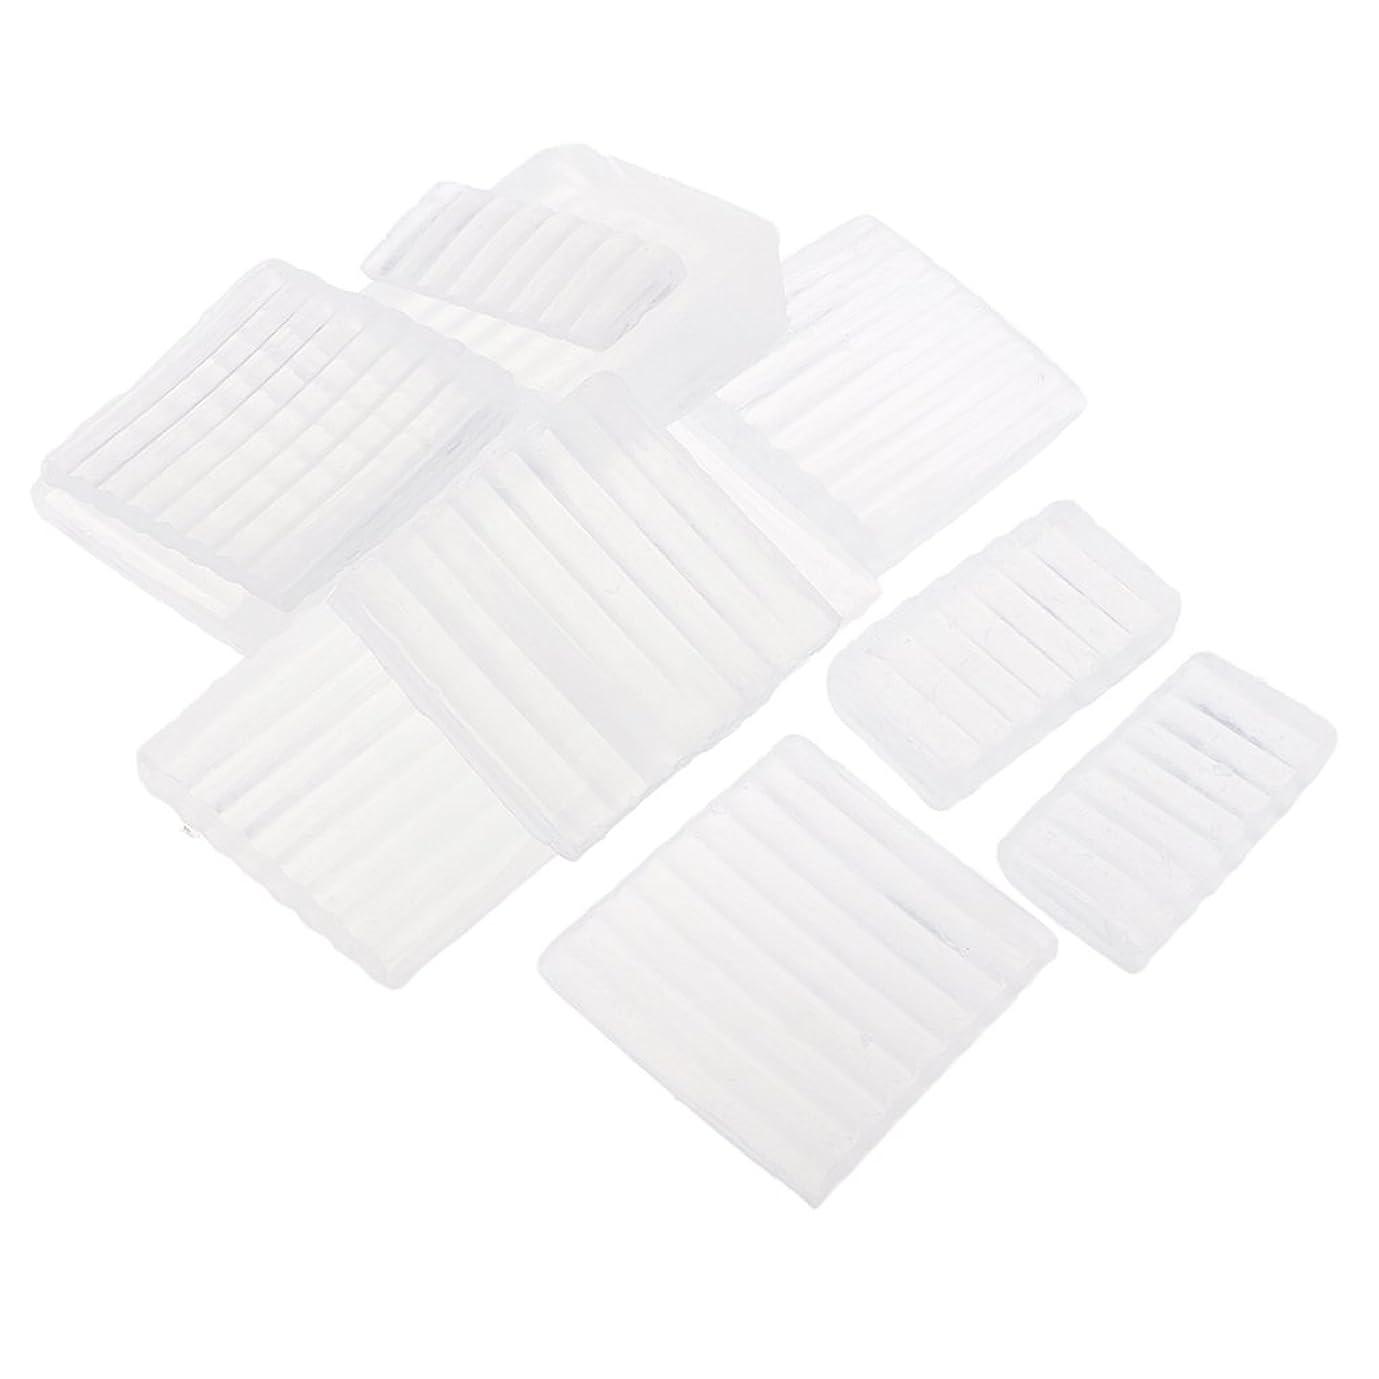 若者インチ精巧なSharplace 透明 石鹸ベース せっけん DIY 手作り 石鹸作り 材料 白い石鹸ベース